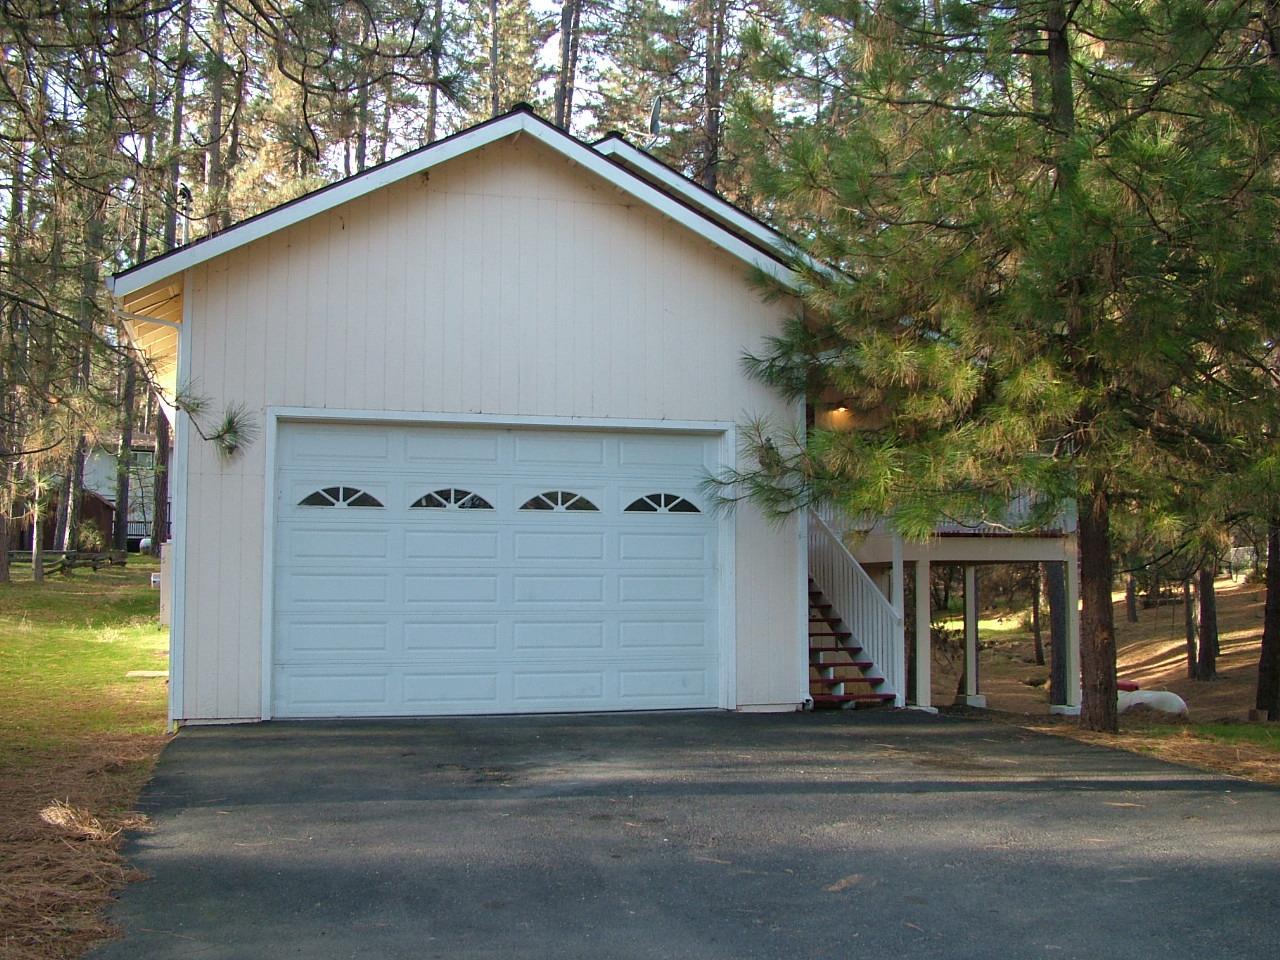 獨棟家庭住宅 為 出租 在 19425 Ferretti 19425 Ferretti Groveland, 加利福尼亞州 95321 美國